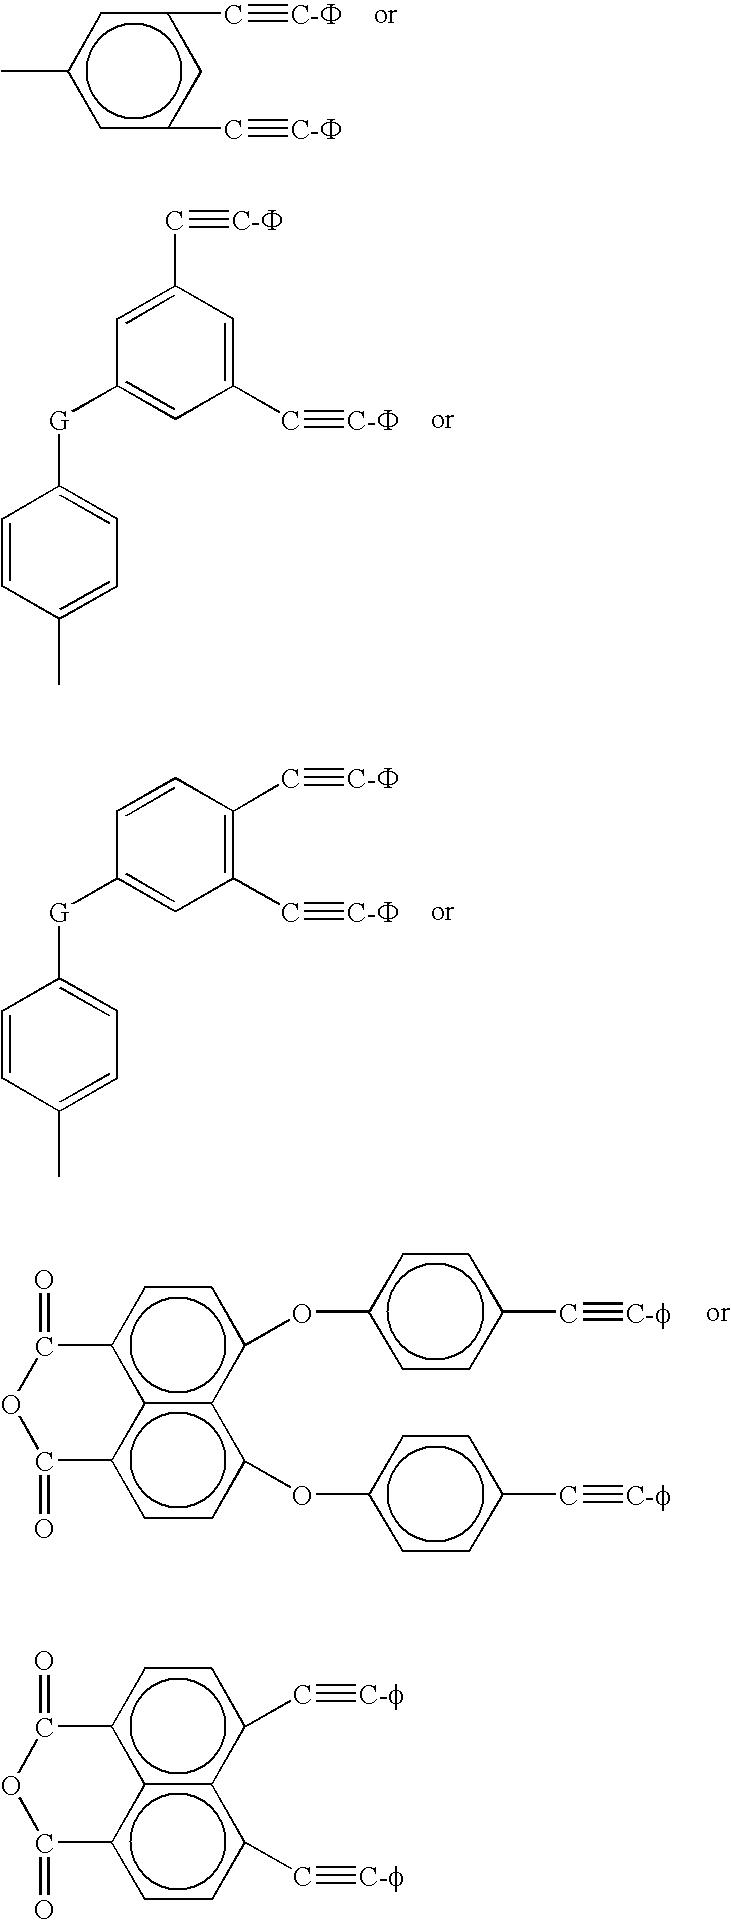 Figure US20100204412A1-20100812-C00026